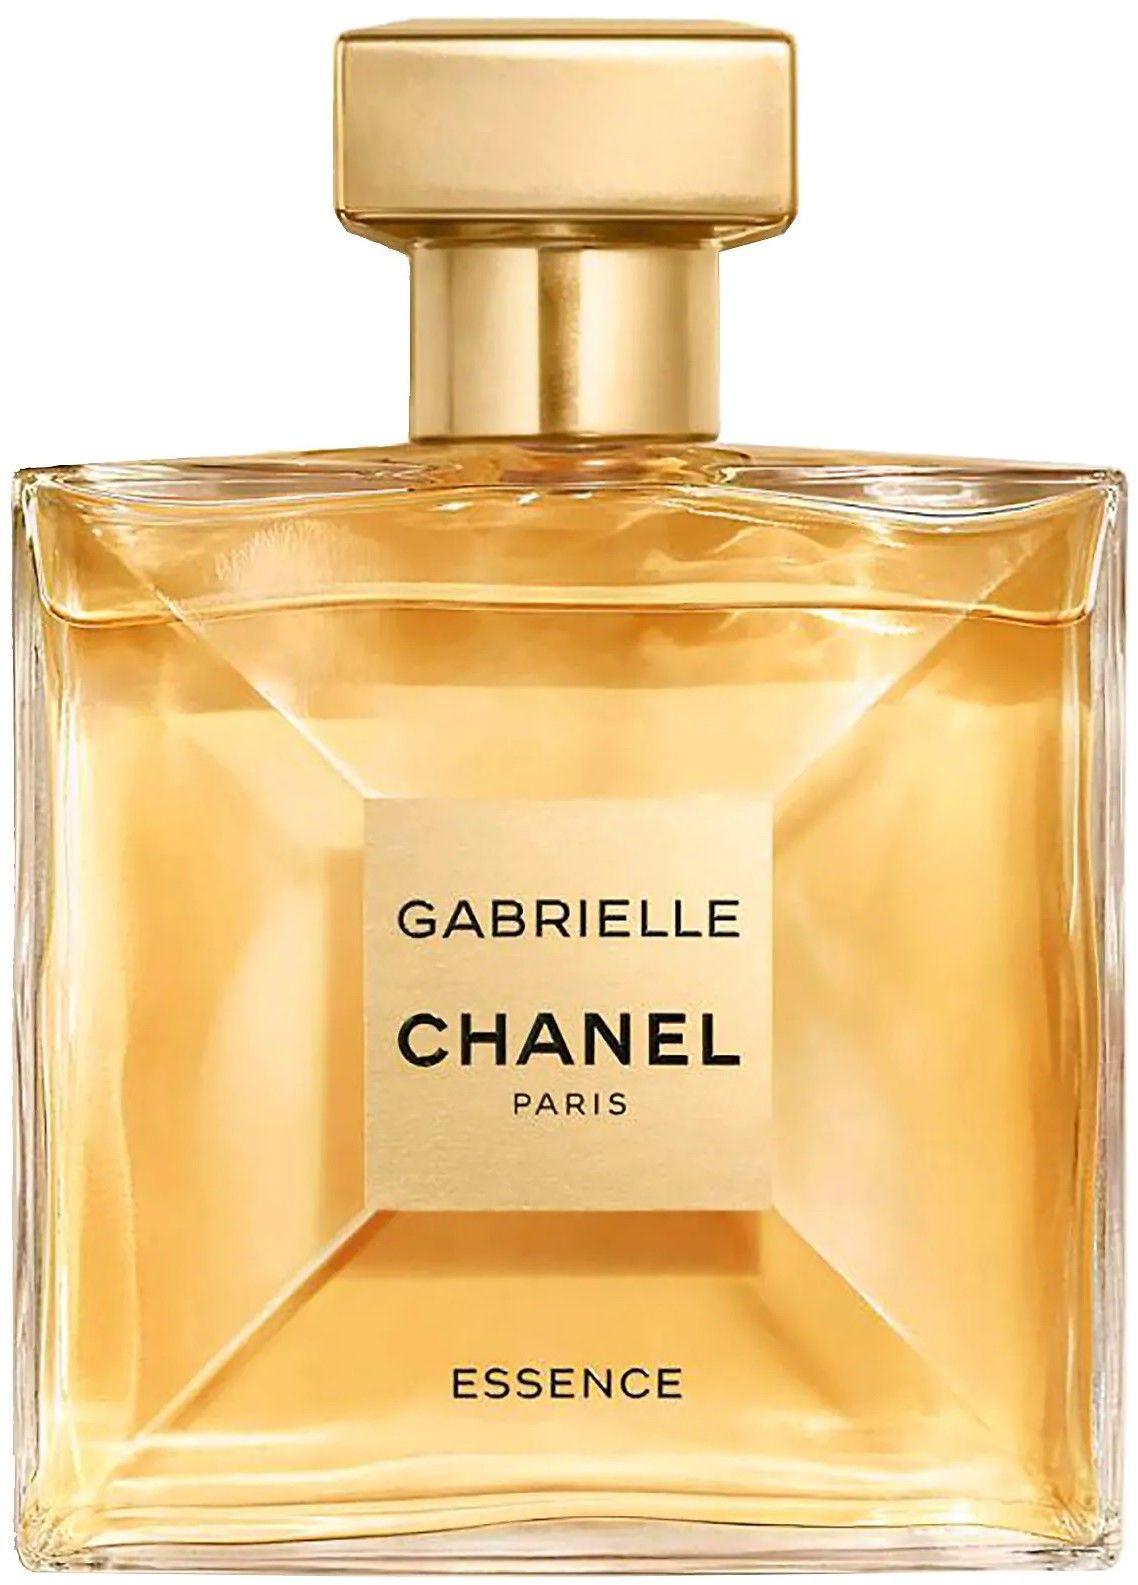 Chanel Gabrielle Essence woda perfumowana dla kobiet 50 ml